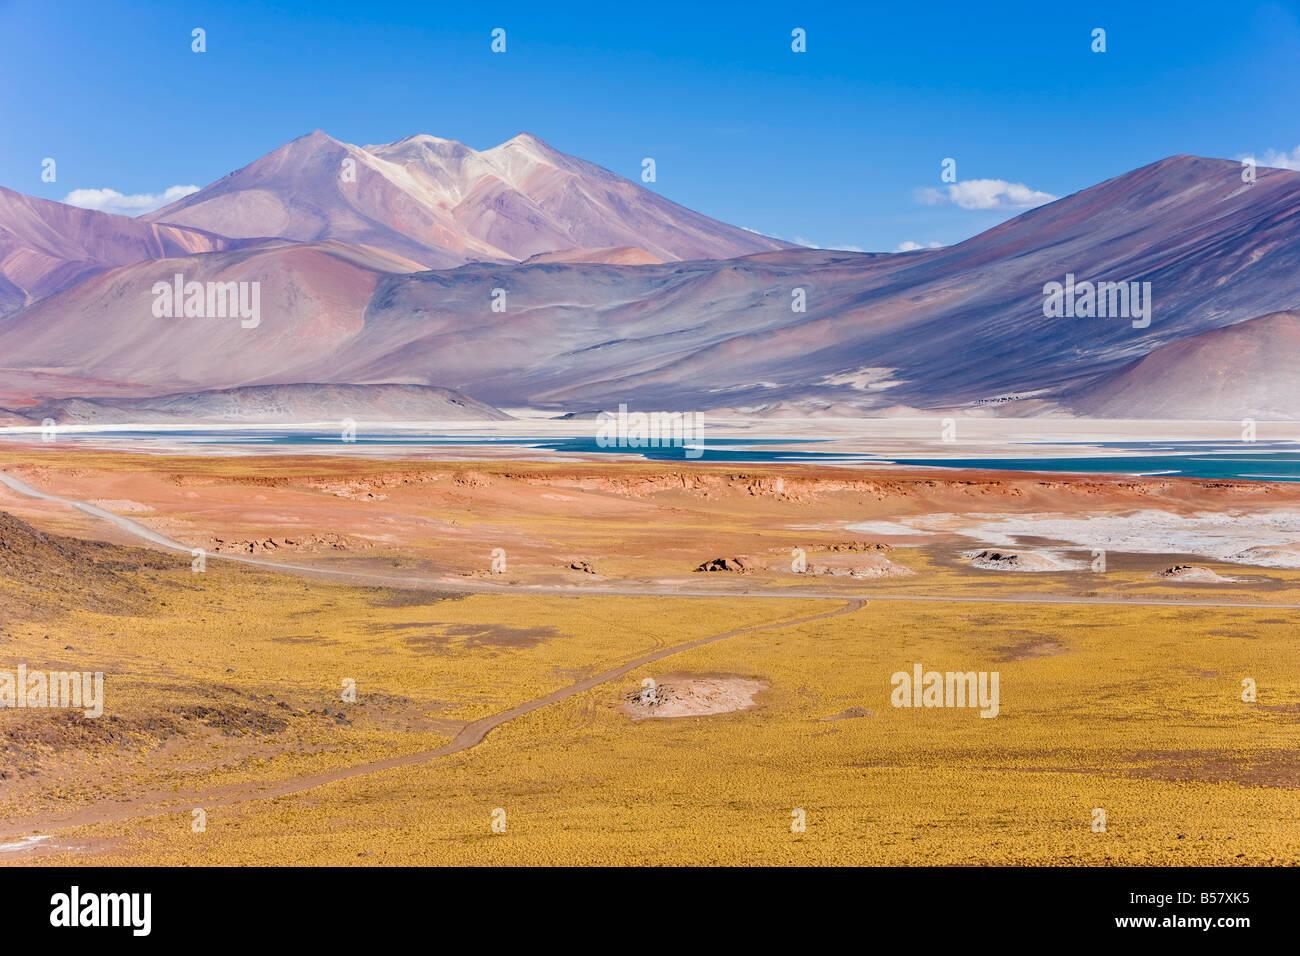 El altiplano, la Reserva Nacional Los Flamencos, el desierto de Atacama, Región de Antofagasta, Norte Grande Imagen De Stock